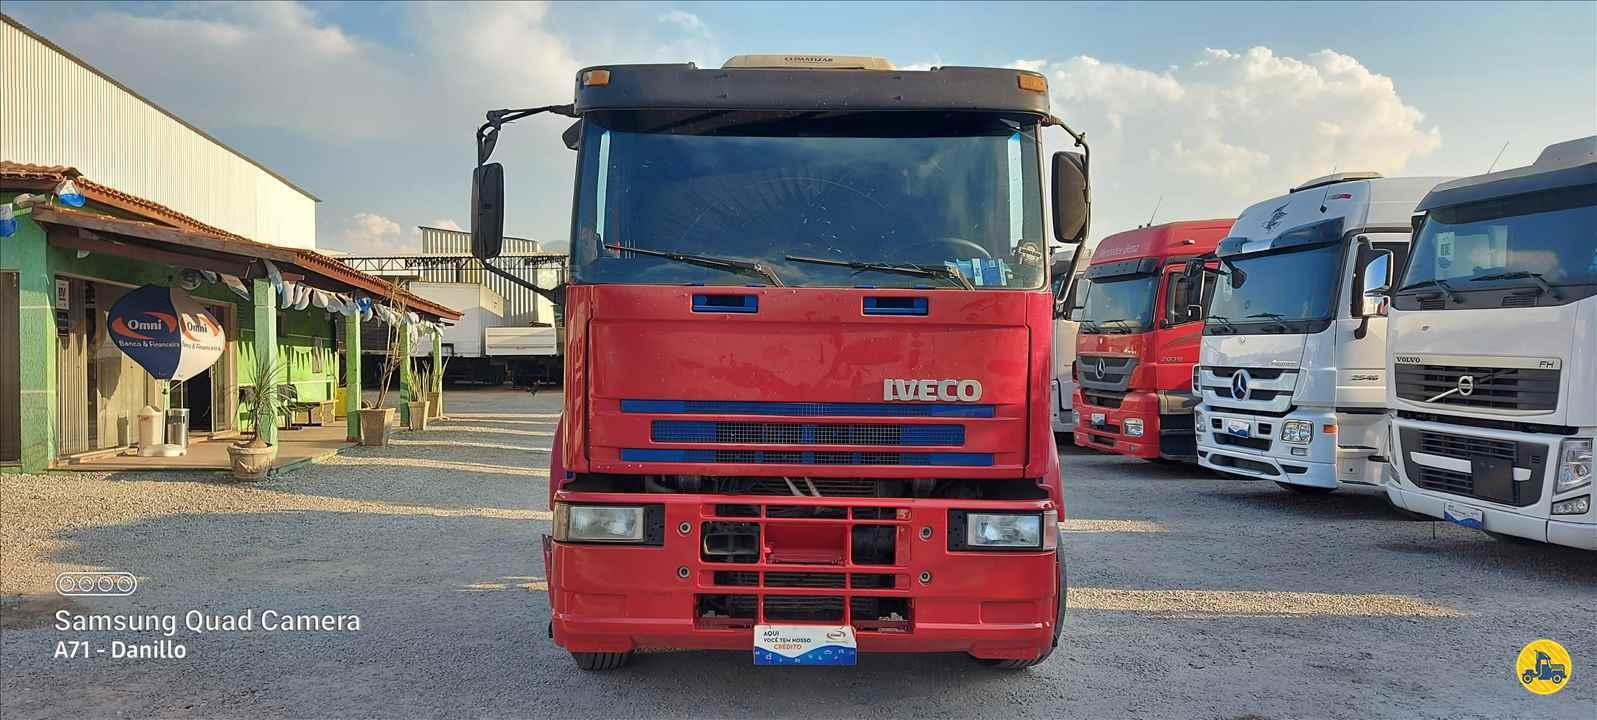 CAMINHAO IVECO EUROCARGO 450E32 Cavalo Mecânico Toco 4x2 13 de Maio Caminhões BETIM MINAS GERAIS MG